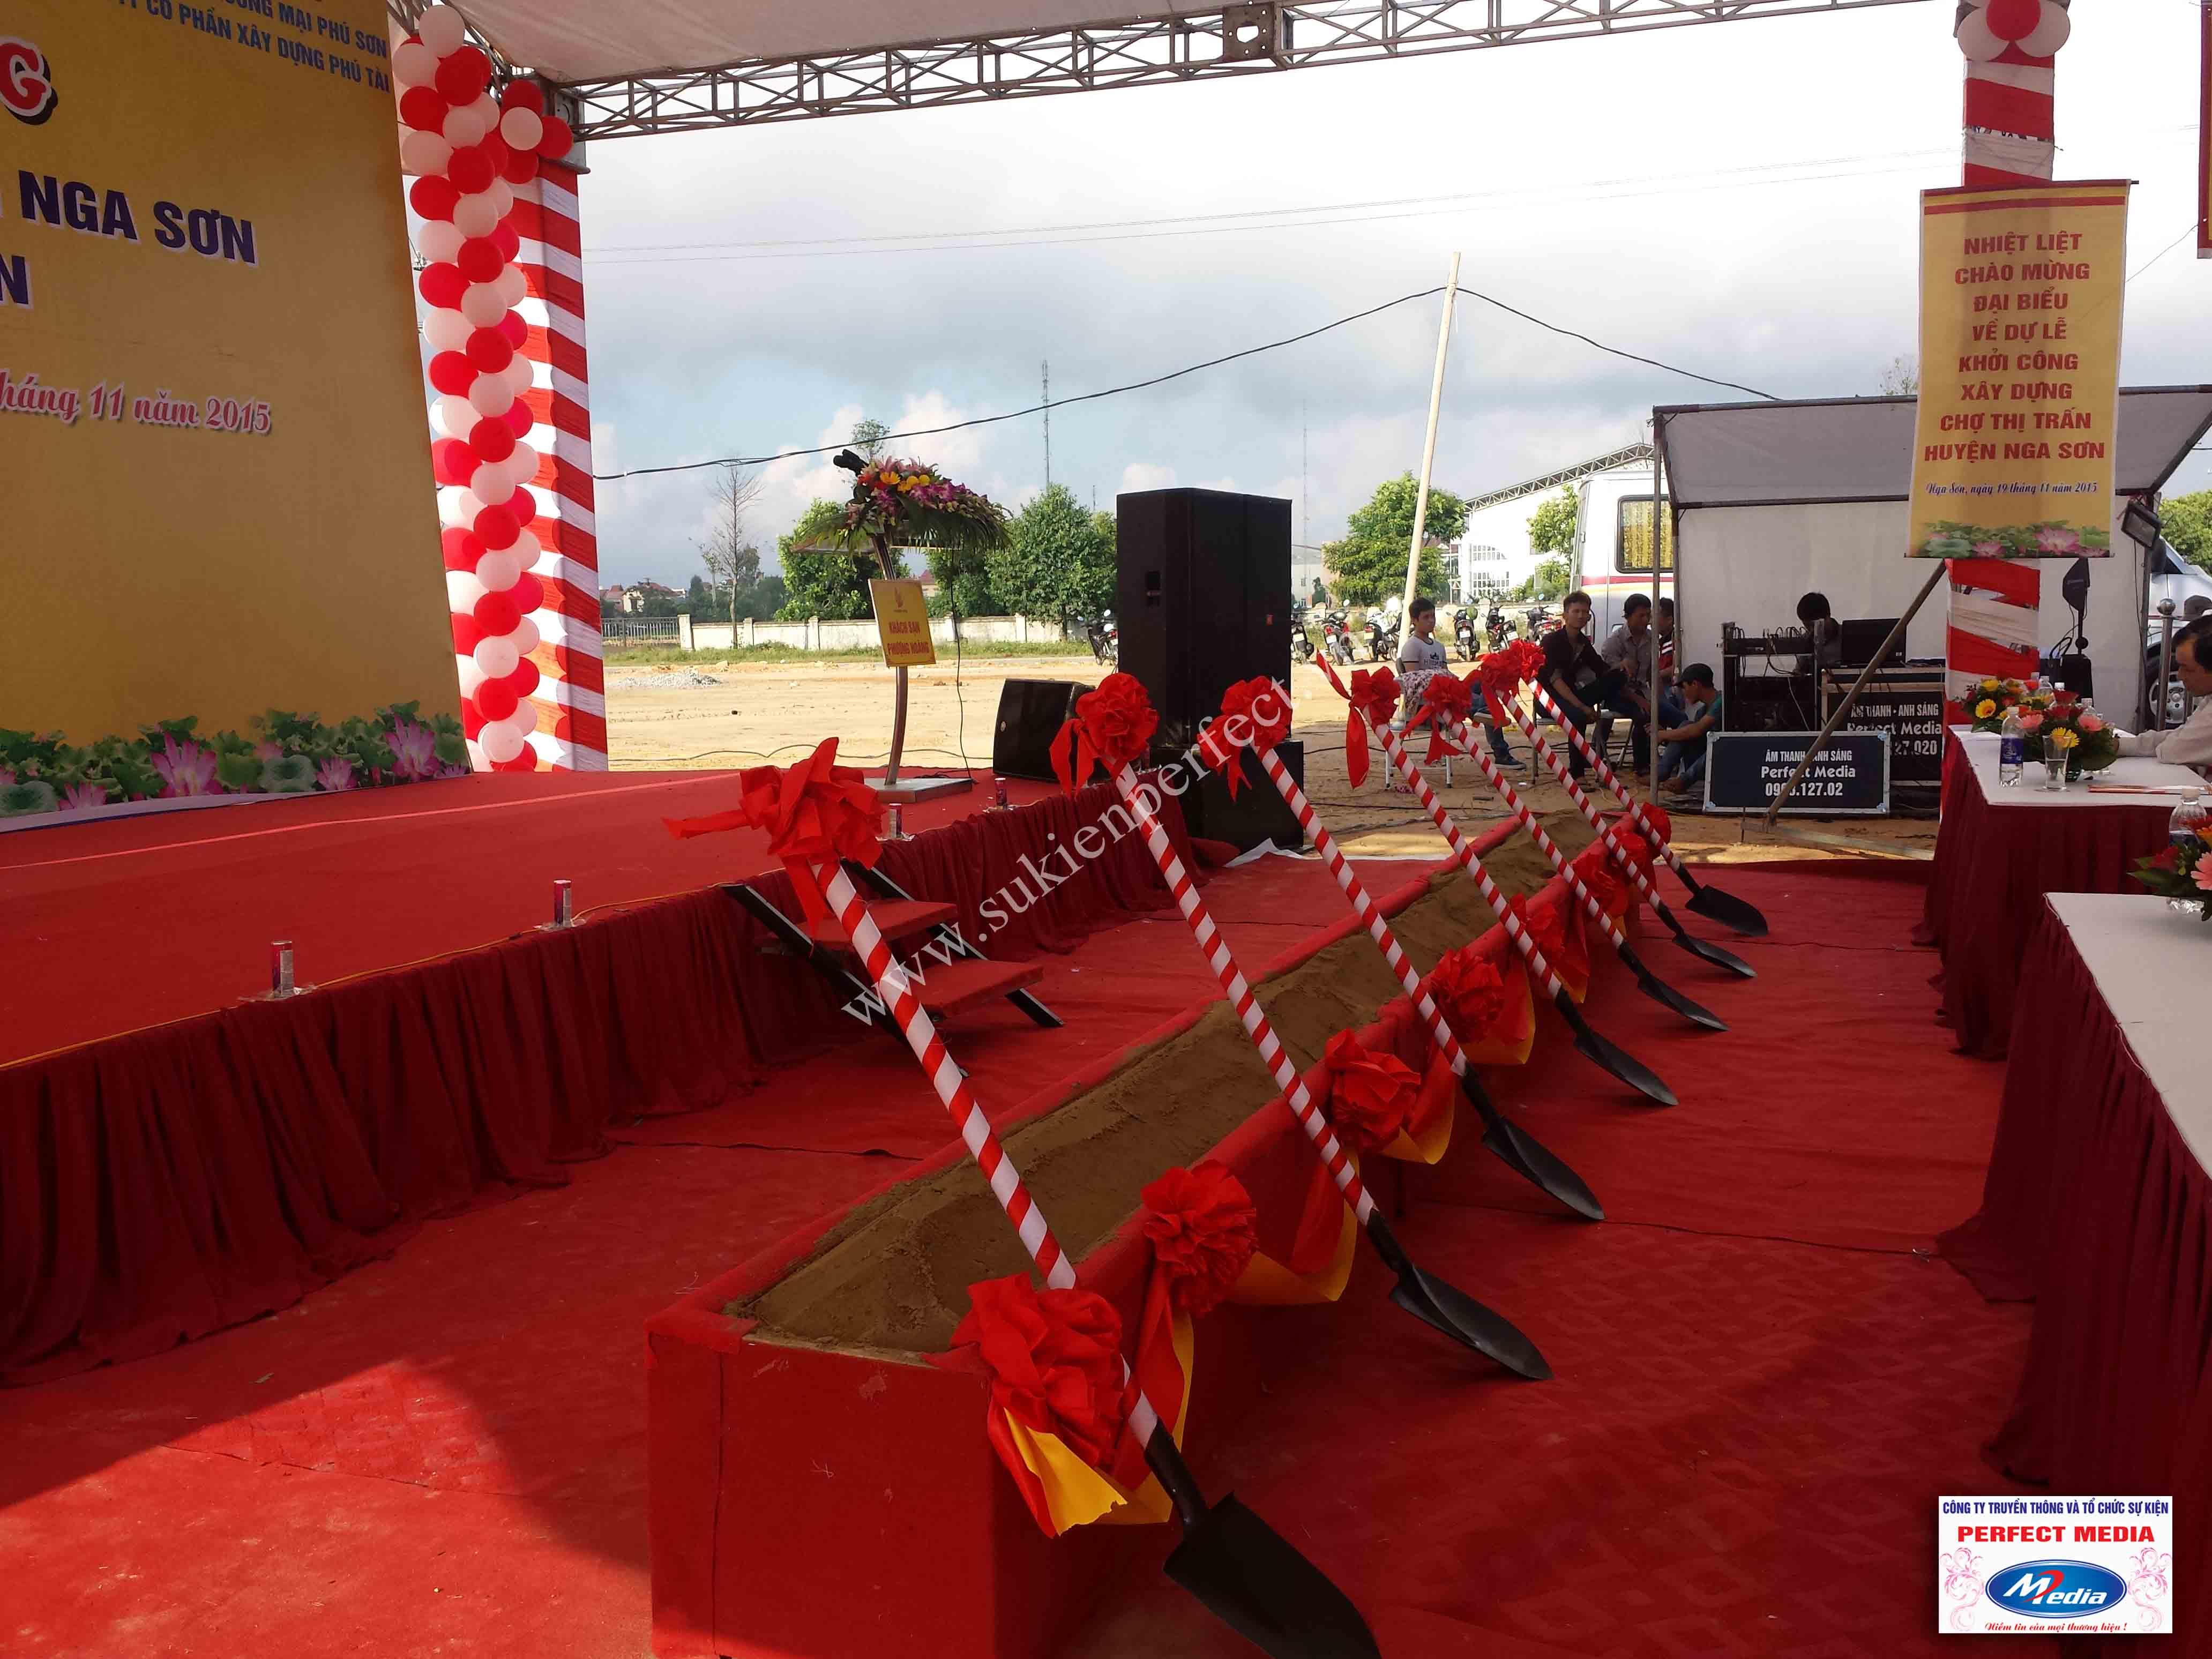 Hình ảnh hội trường lễ khởi công xây dựng chợ thị trấn huyện Nga Sơn 08